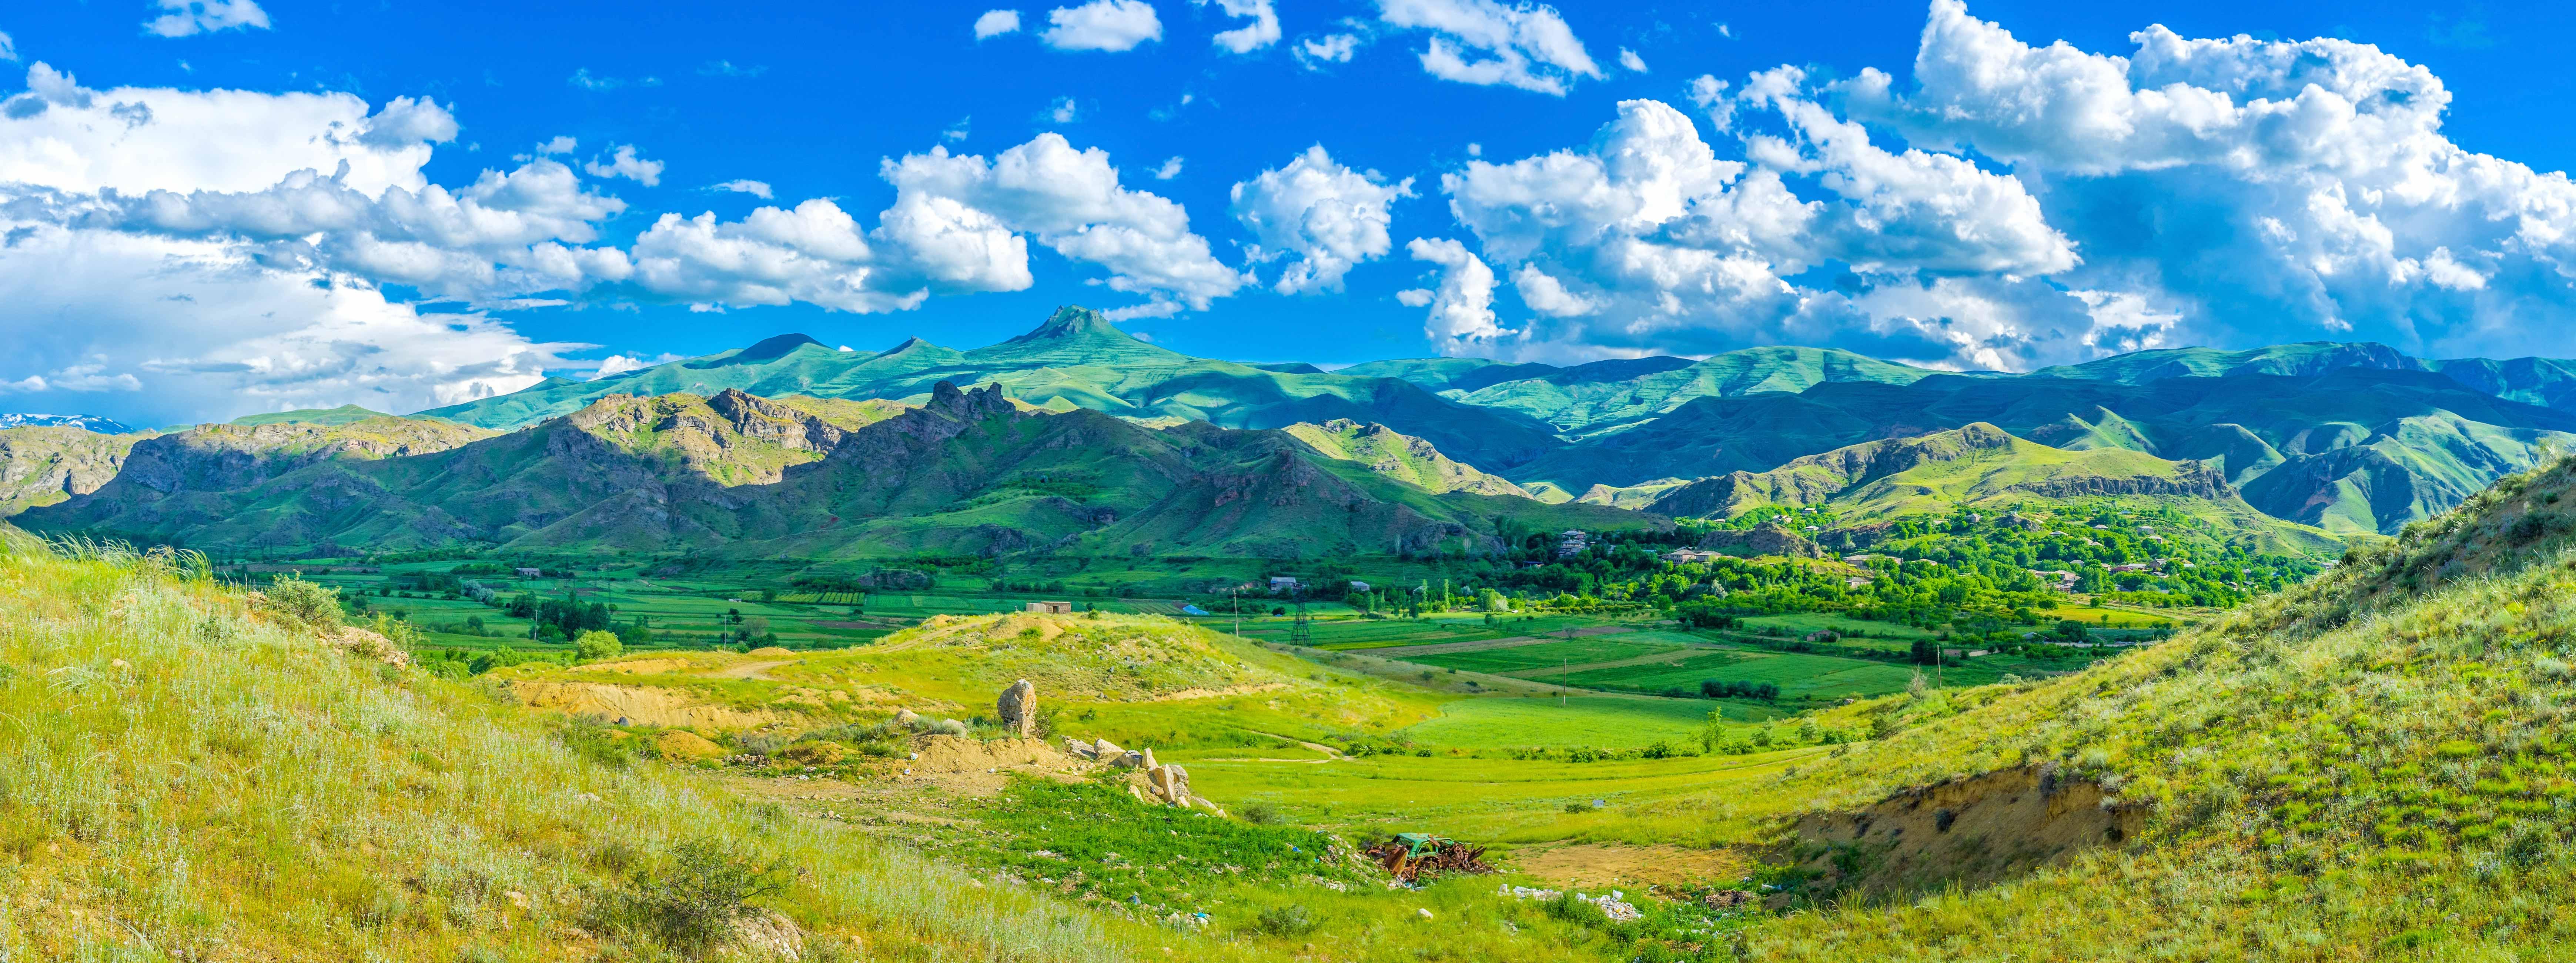 Курорты Армении | Туристическая Армения | Туры в Армению | Туры из Еревана | Цахкадзор | Джермук | Дилиджан | Арзни | Анкаван | Агверян